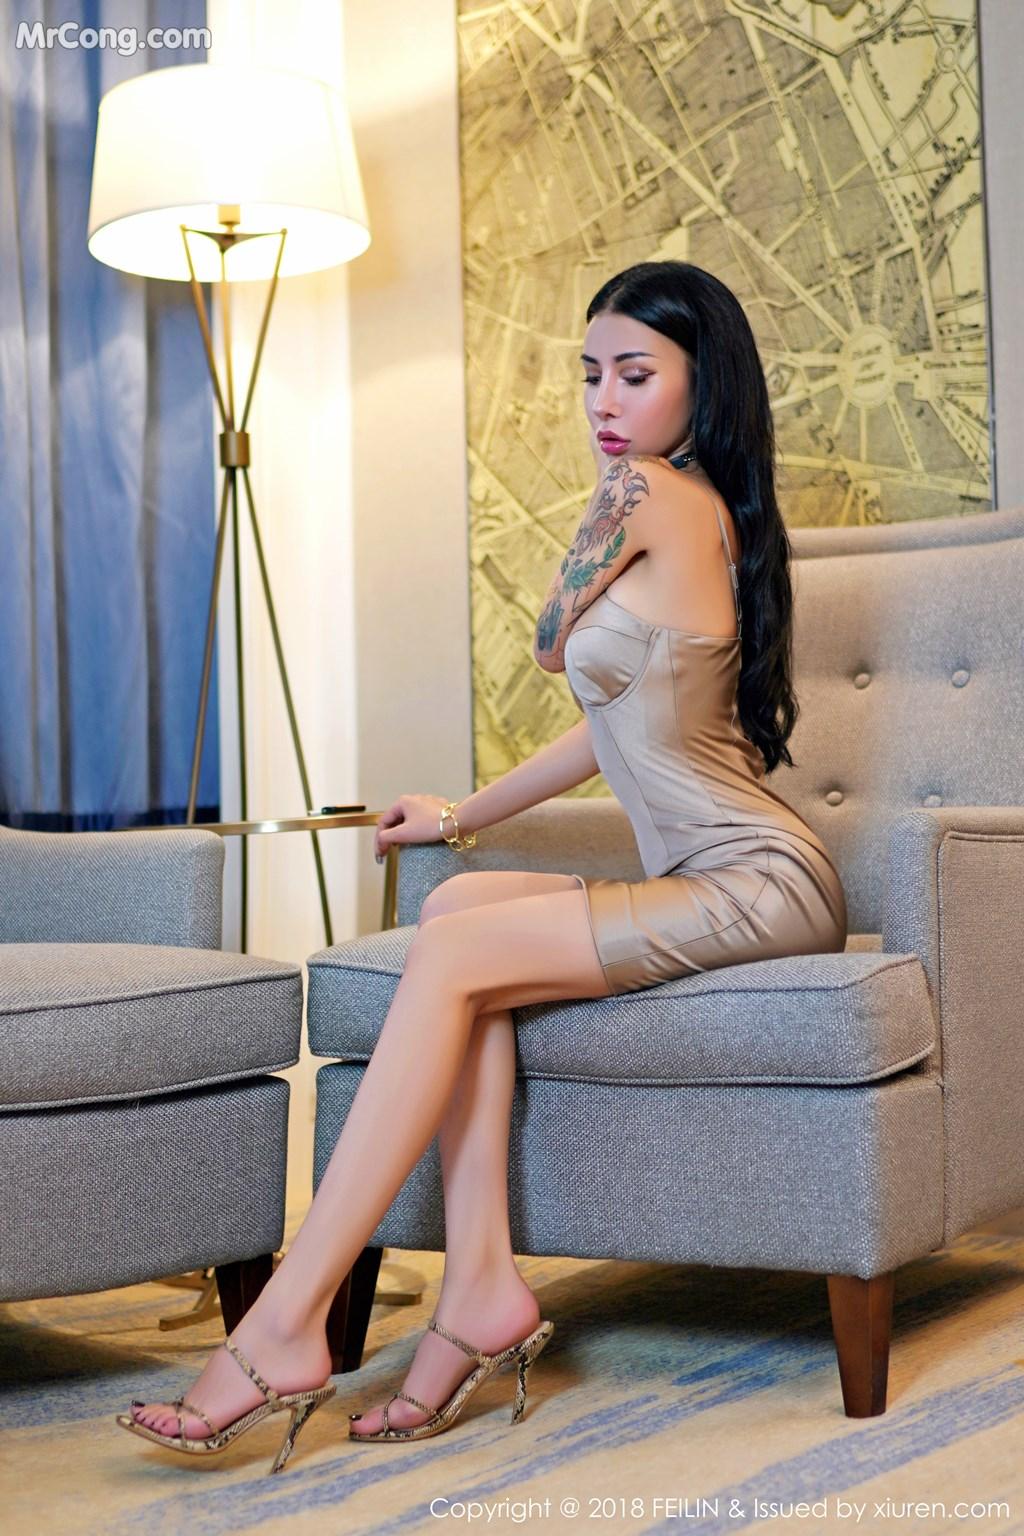 FEILIN Vol.162: Người mẫu Wan Jia Ning (万嘉凝) (44 ảnh)